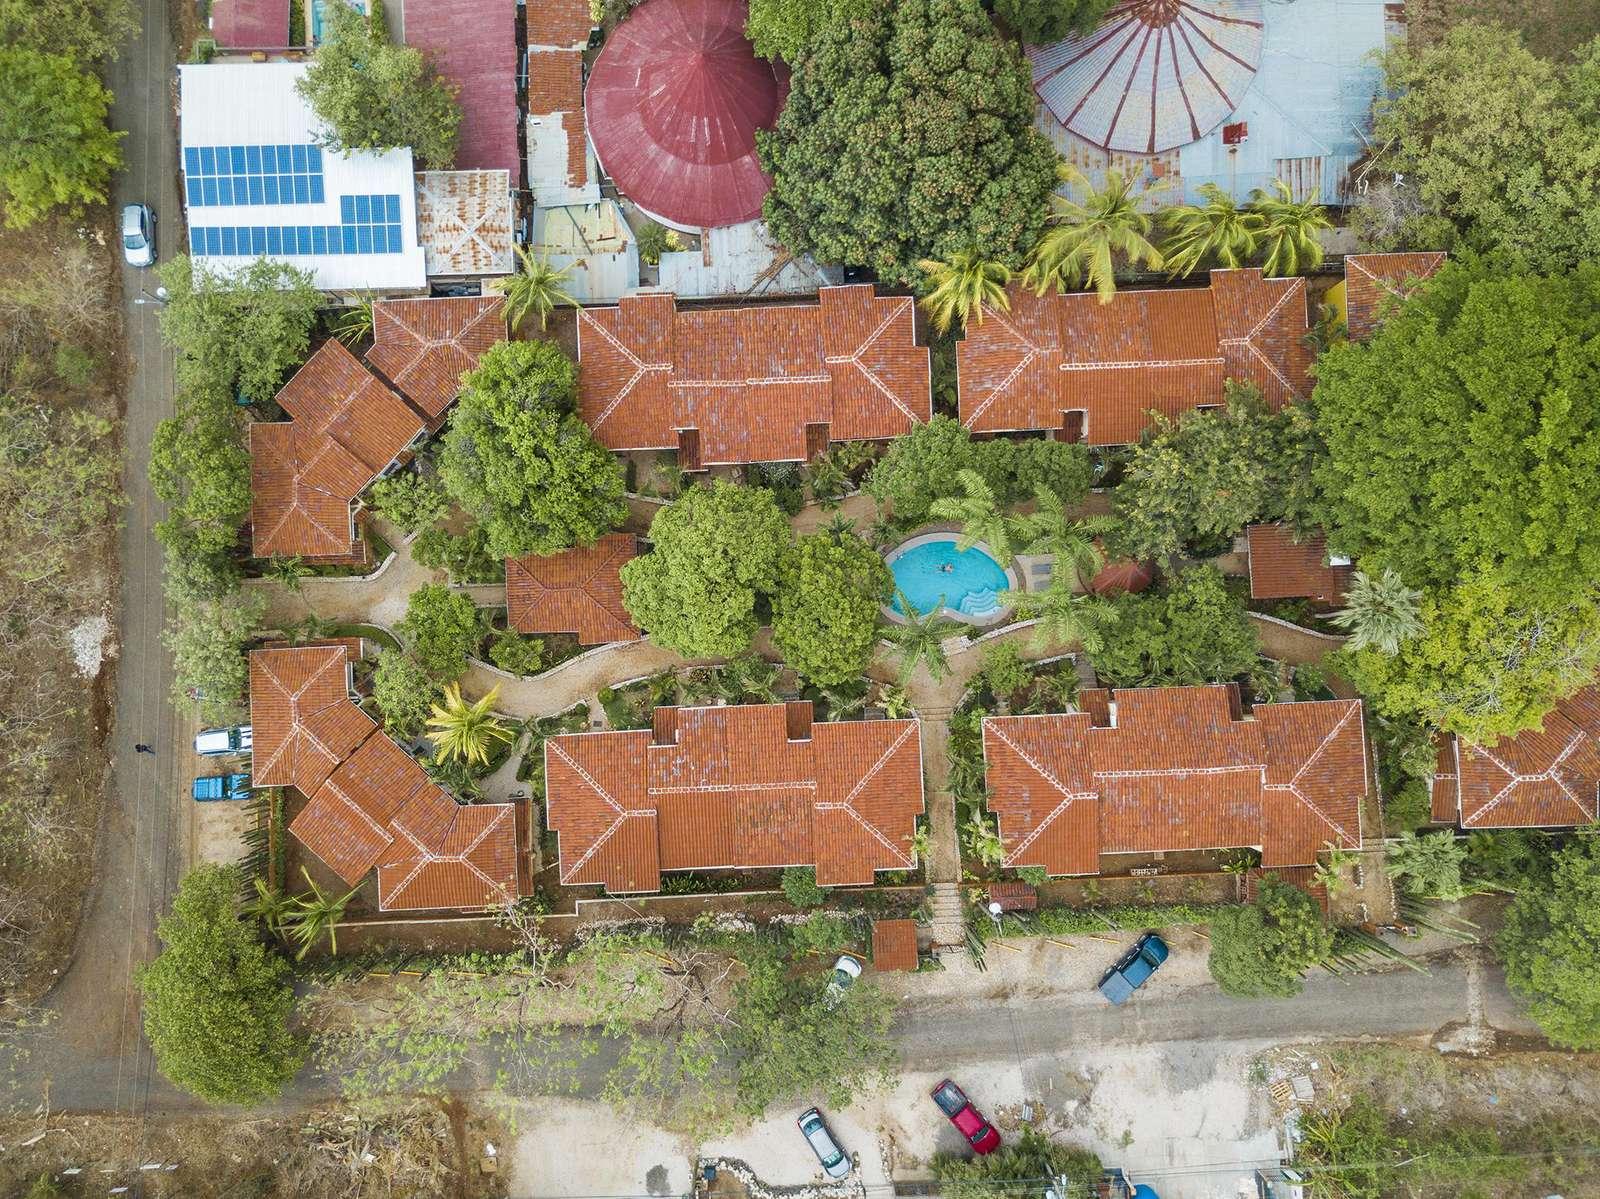 Aerial view of Pueblo del Mar, Community pool area